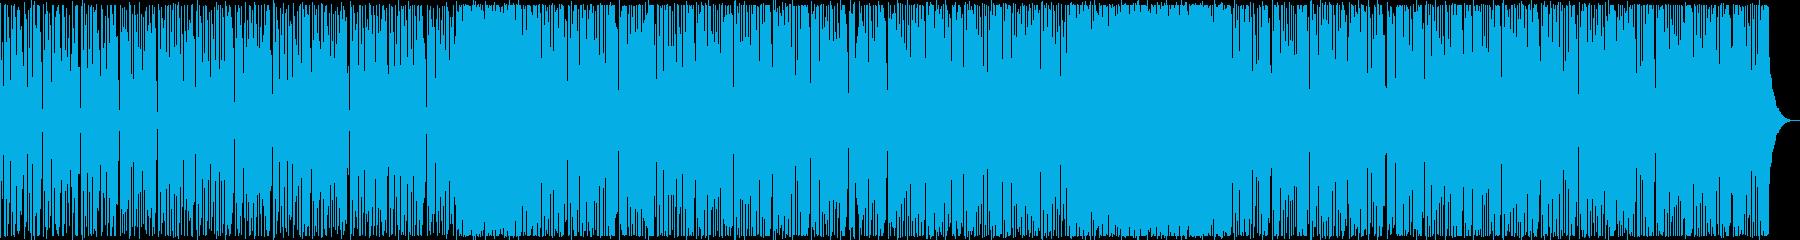 軽快でノリの良いファンク、ソウル調の楽曲の再生済みの波形